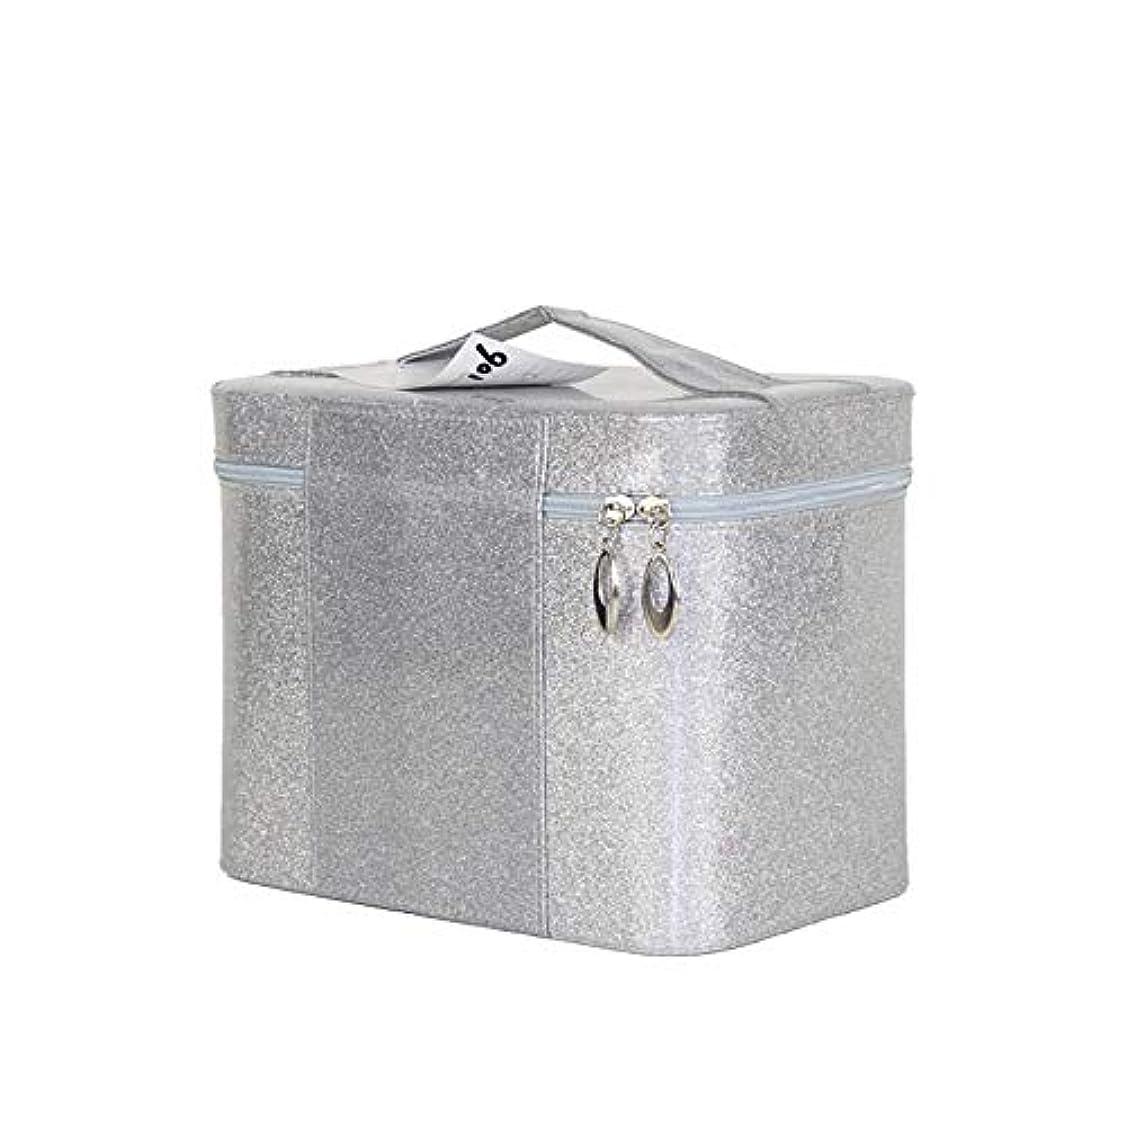 過言アイロニー摂氏度化粧オーガナイザーバッグ ジッパーで小さなものの種類のための旅行のための美容メイクアップのための純粋な色のポータブル化粧品バッグ 化粧品ケース